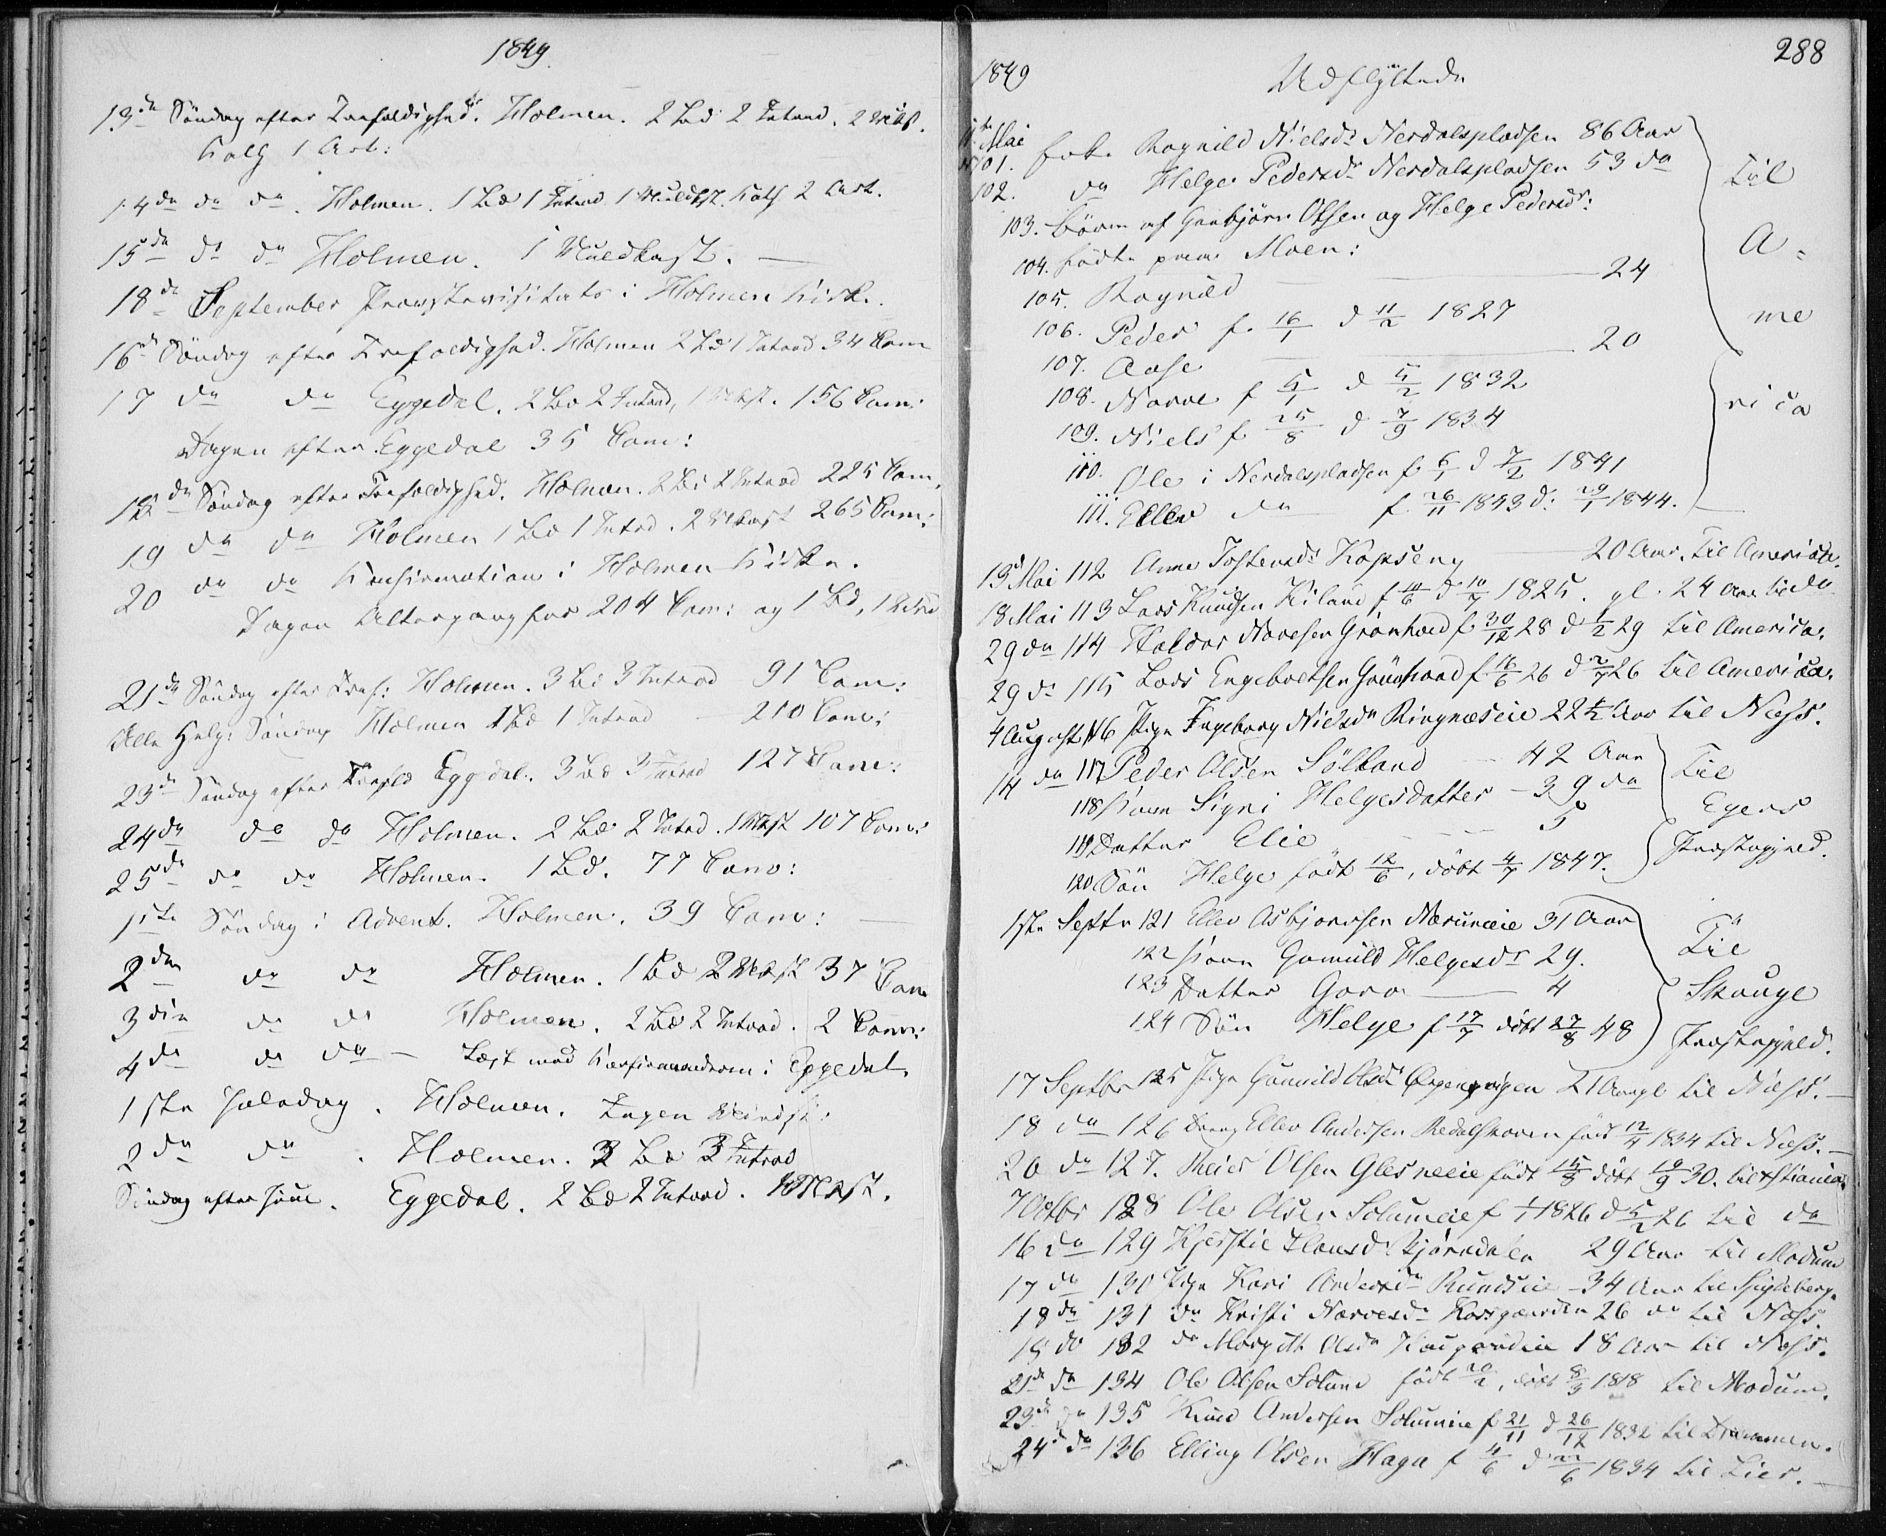 SAKO, Sigdal kirkebøker, F/Fa/L0007: Ministerialbok nr. I 7, 1844-1849, s. 288